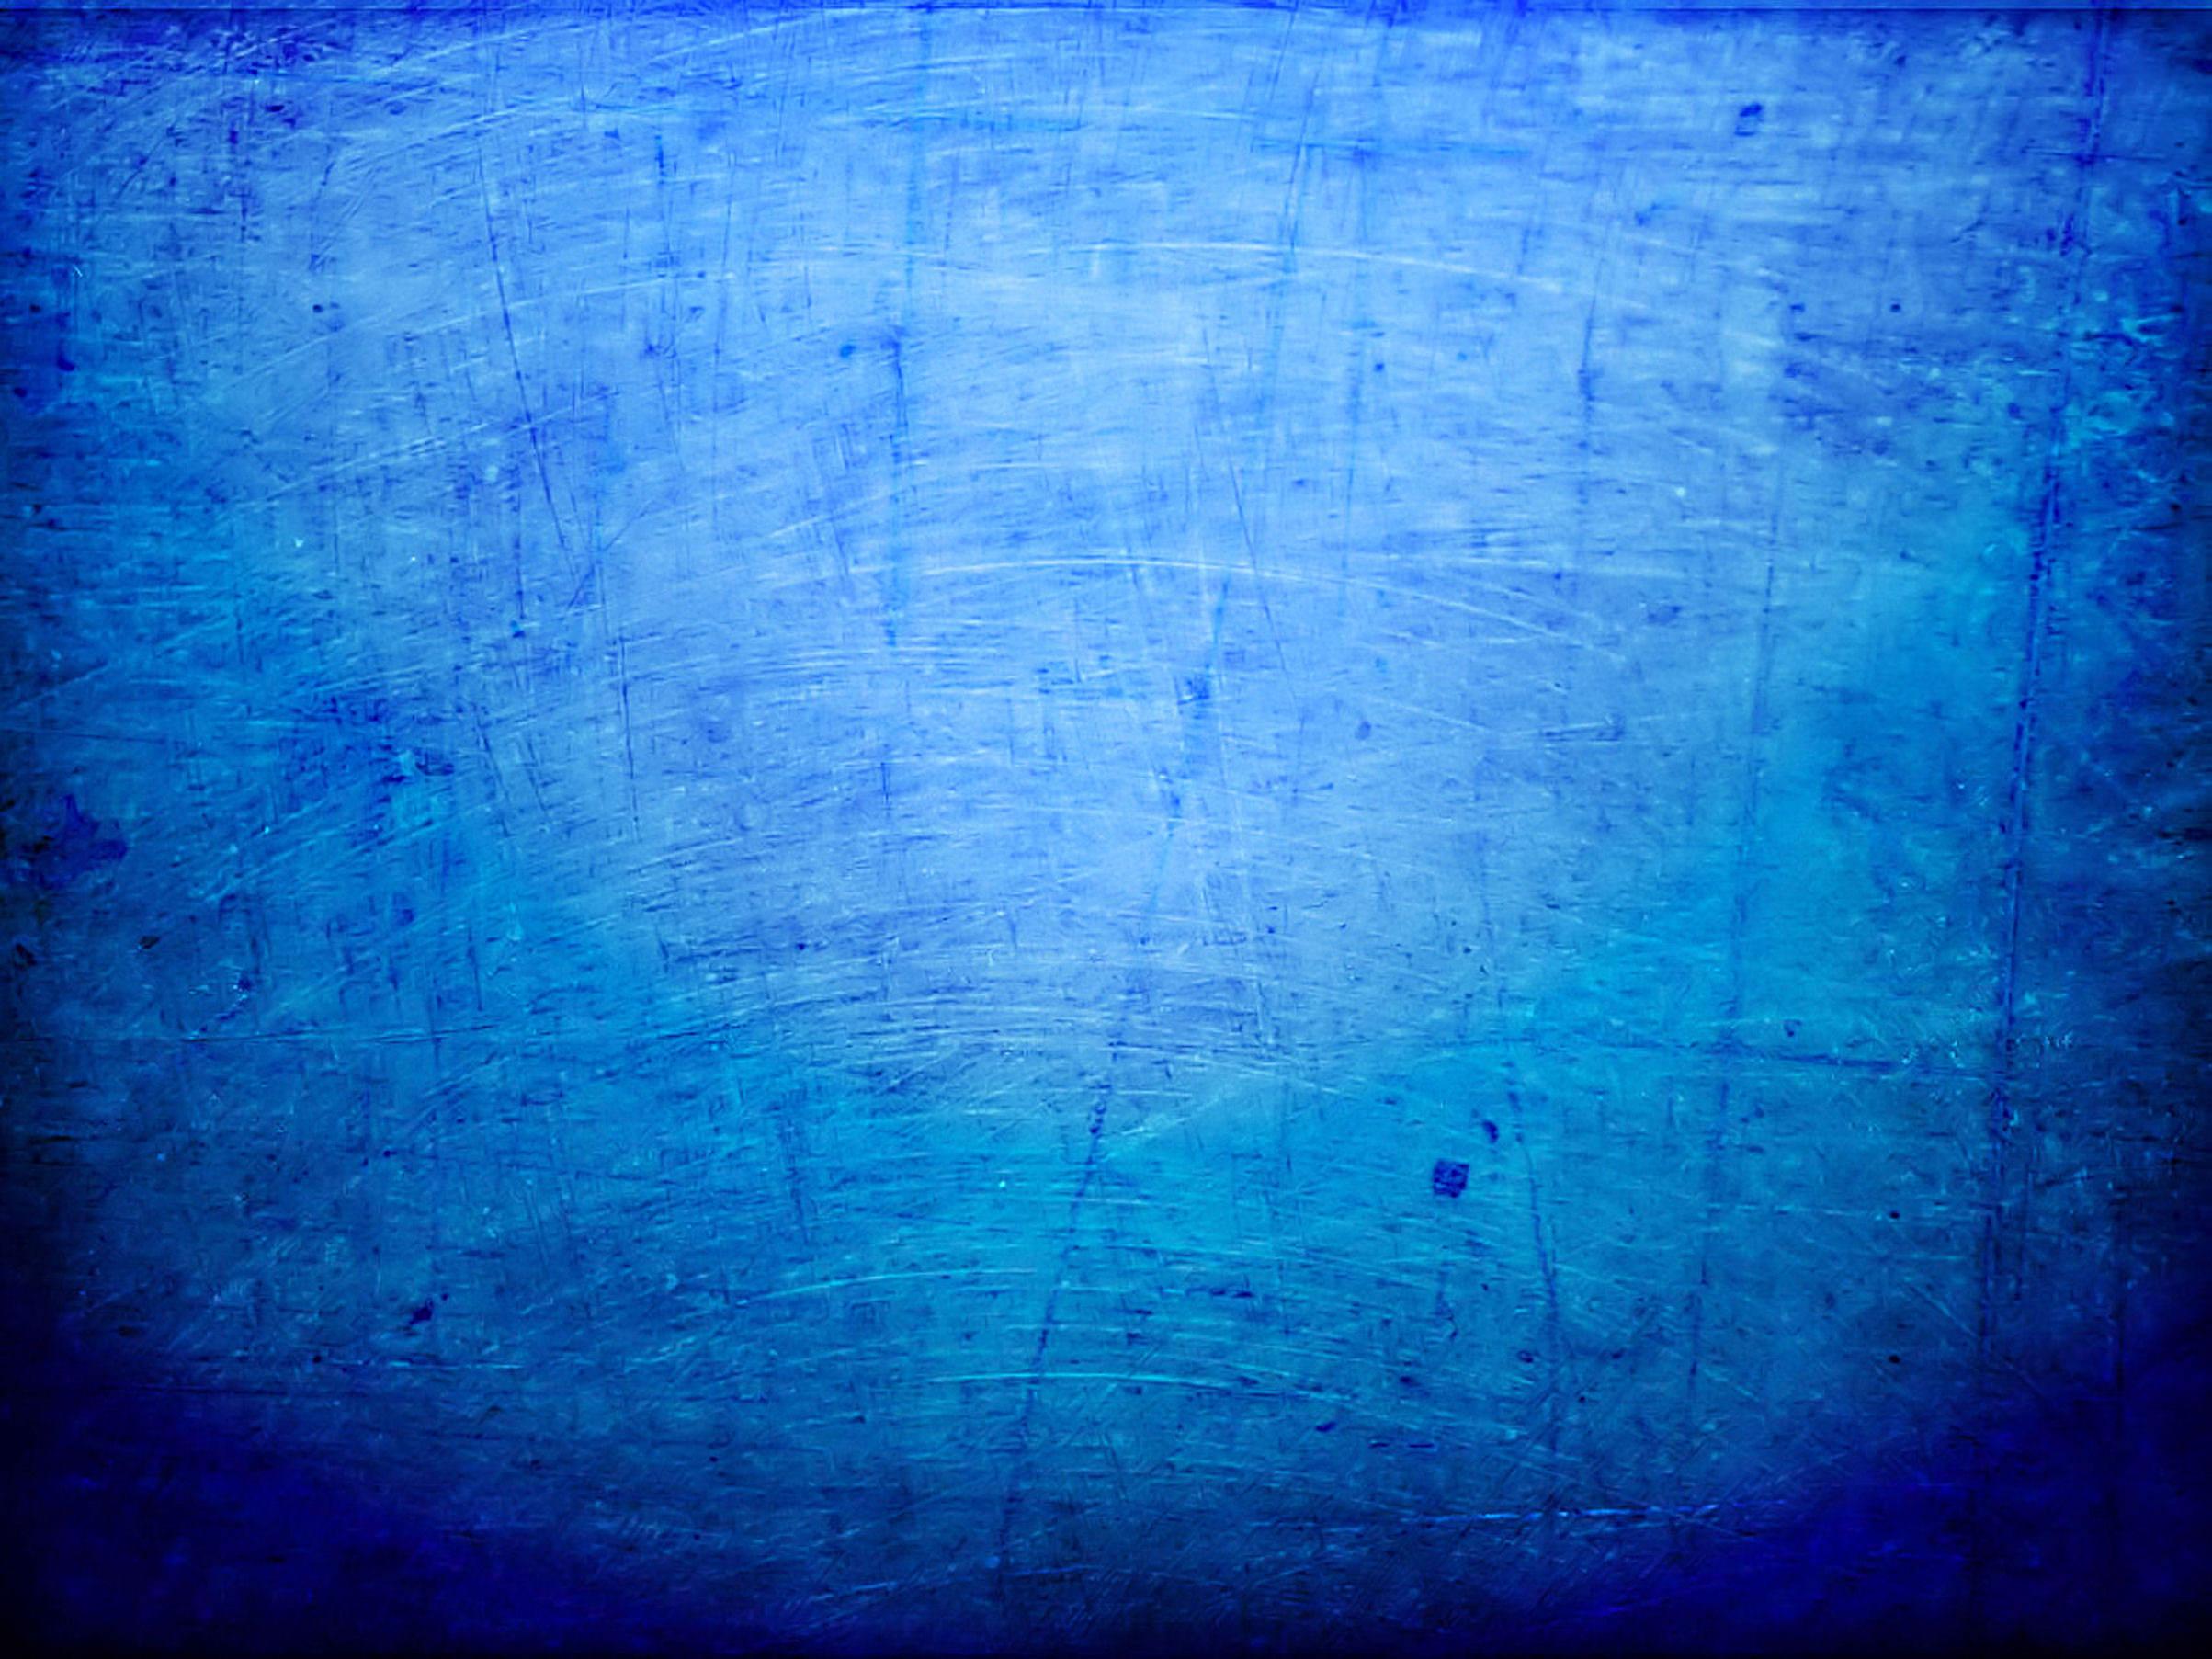 3d Water Drop Wallpaper 30 Blue Textures Backgrounds Freecreatives